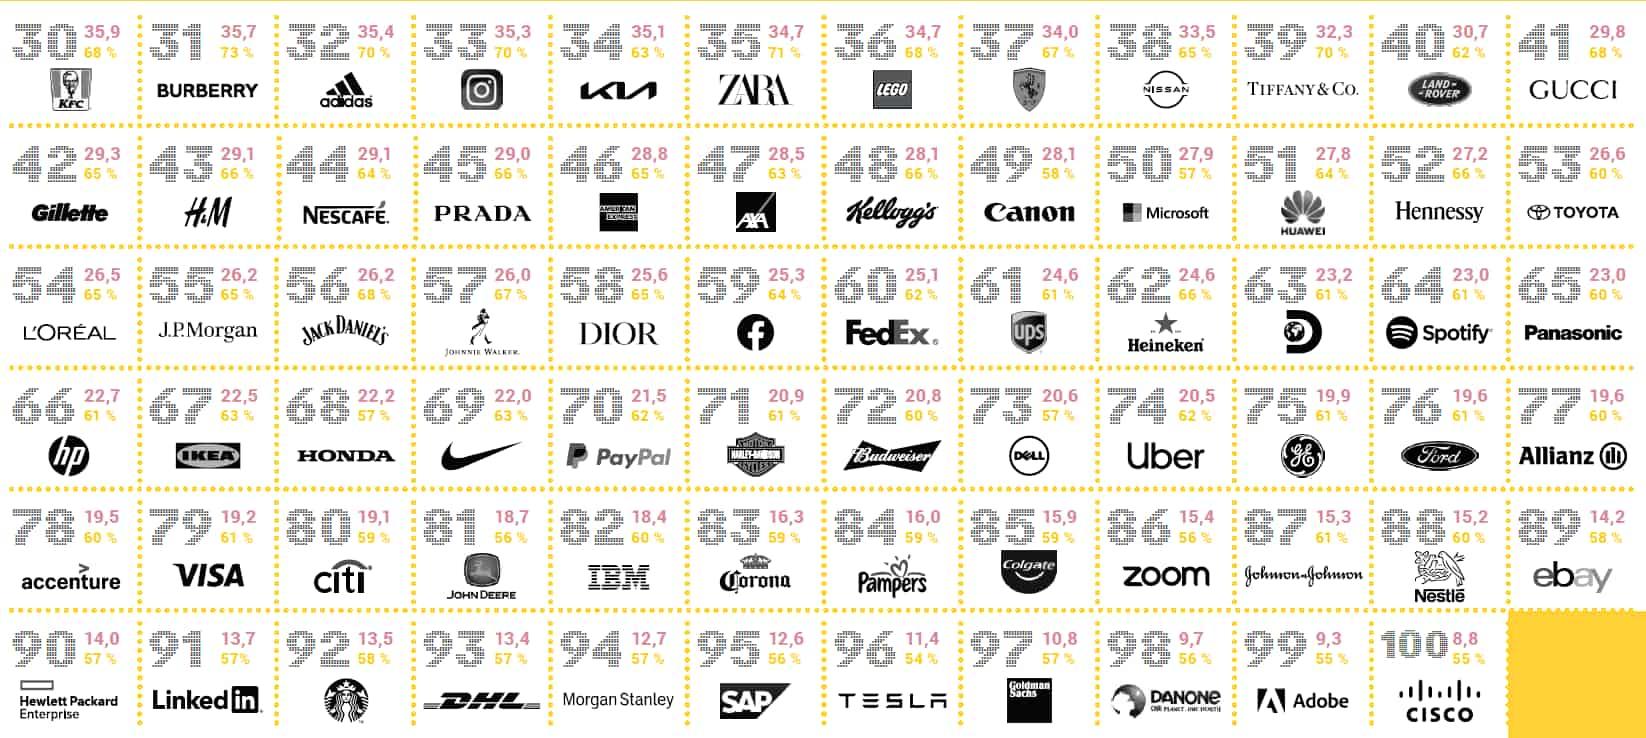 La classifica delle sonic identity 2021: TOP 100